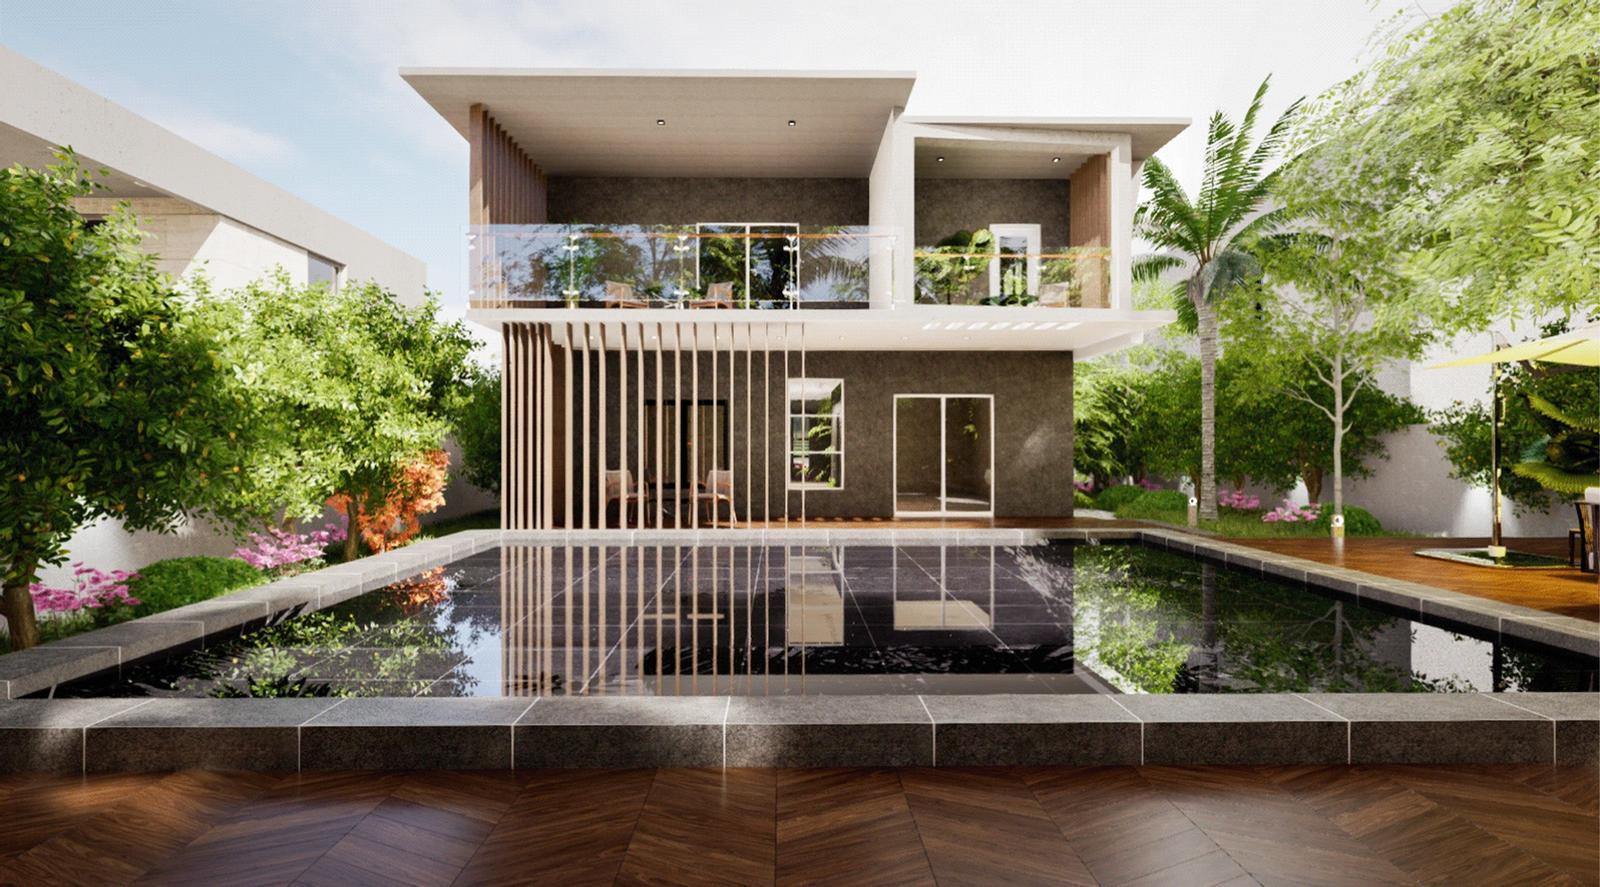 Modern Villa - Backyard Exterior 3 Modeling landscape and Visualization ( SketchUp + D5 Render )